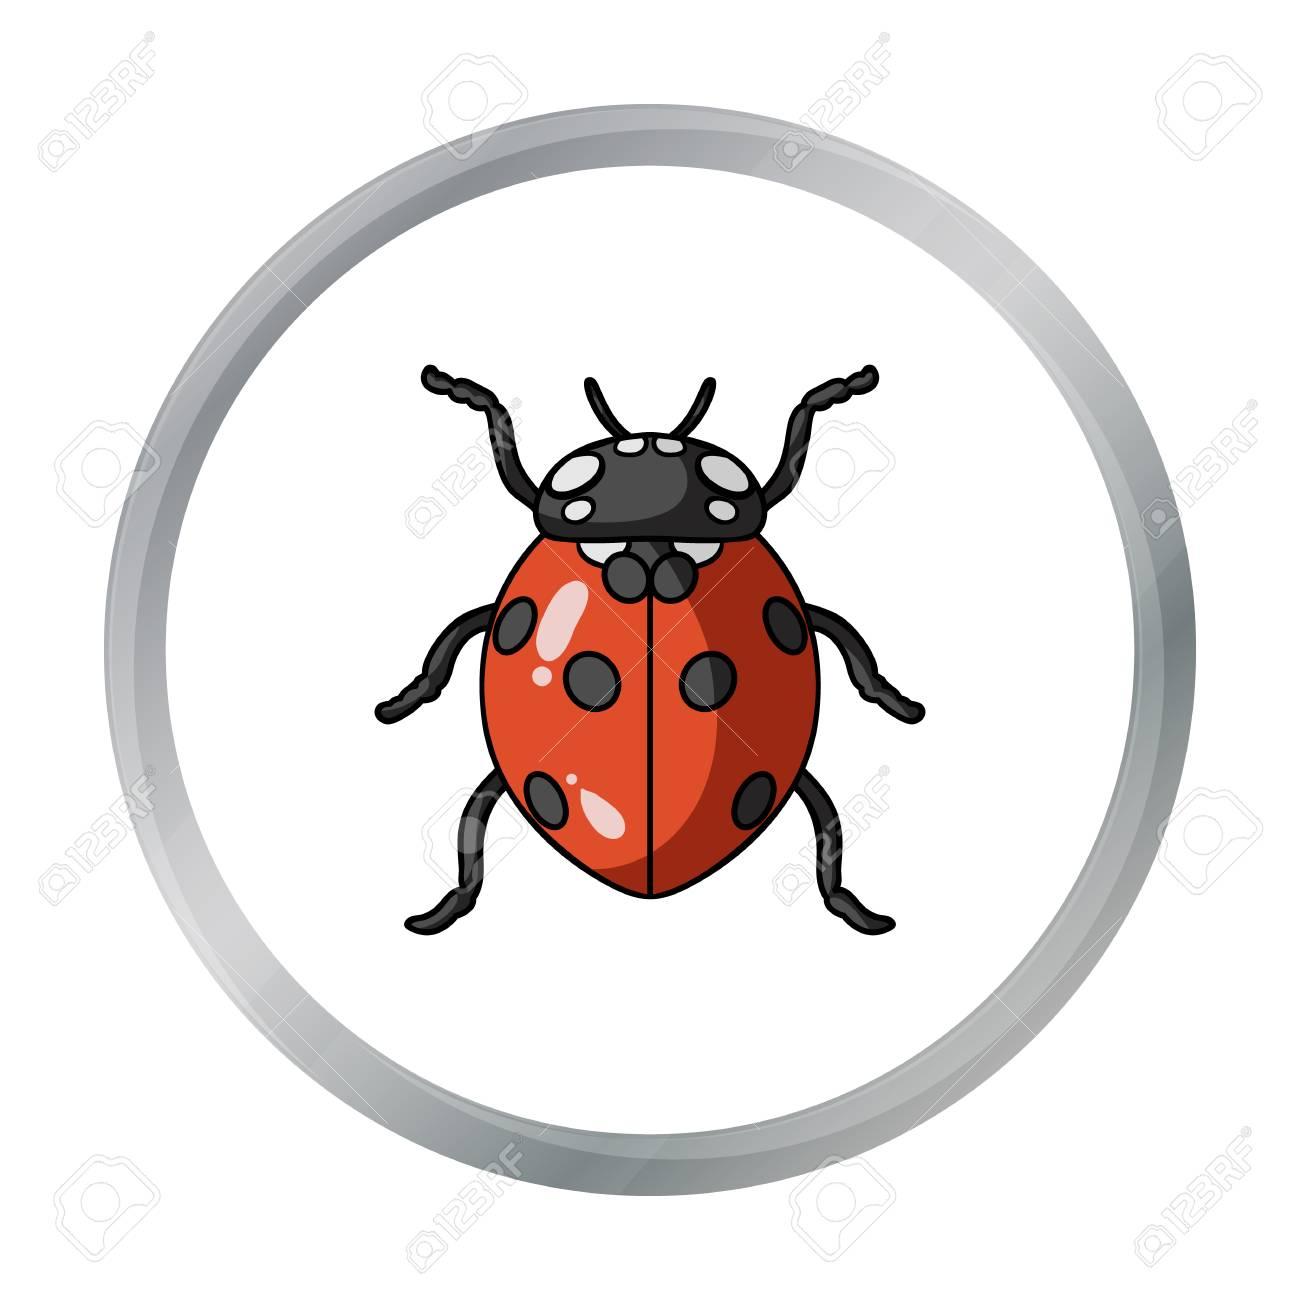 Coccinelle Symbole icône de coccinelle en style cartoon isolé sur fond blanc. insectes